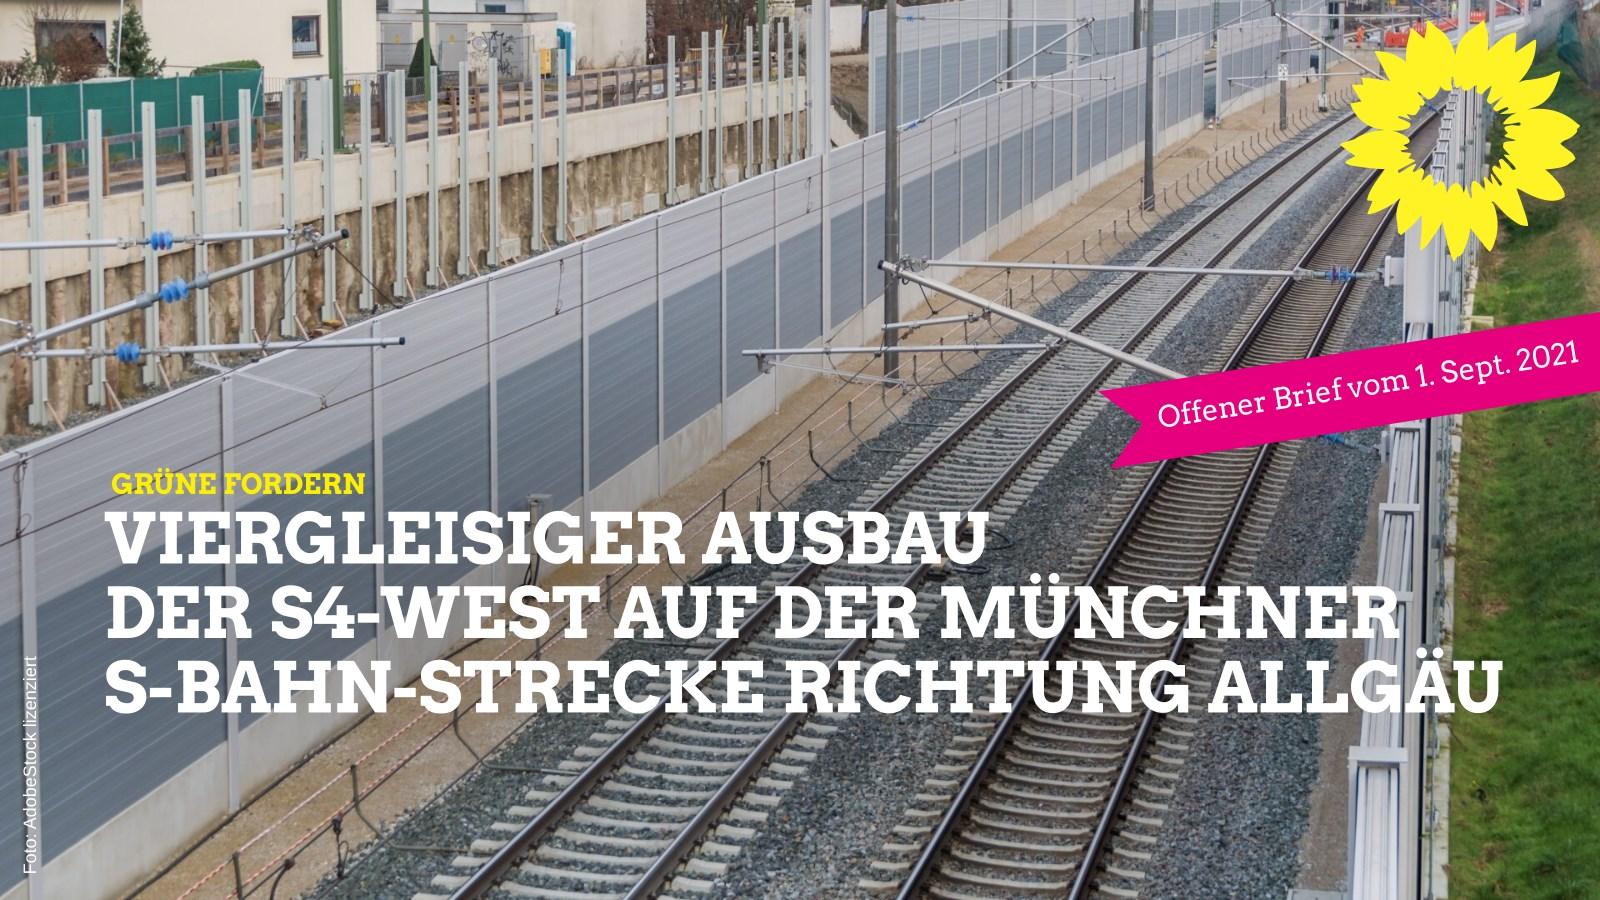 Fahrpläne zwischen Allgäu und München wieder verbessern: 4-gleisiger Bahn-Ausbau jetzt!